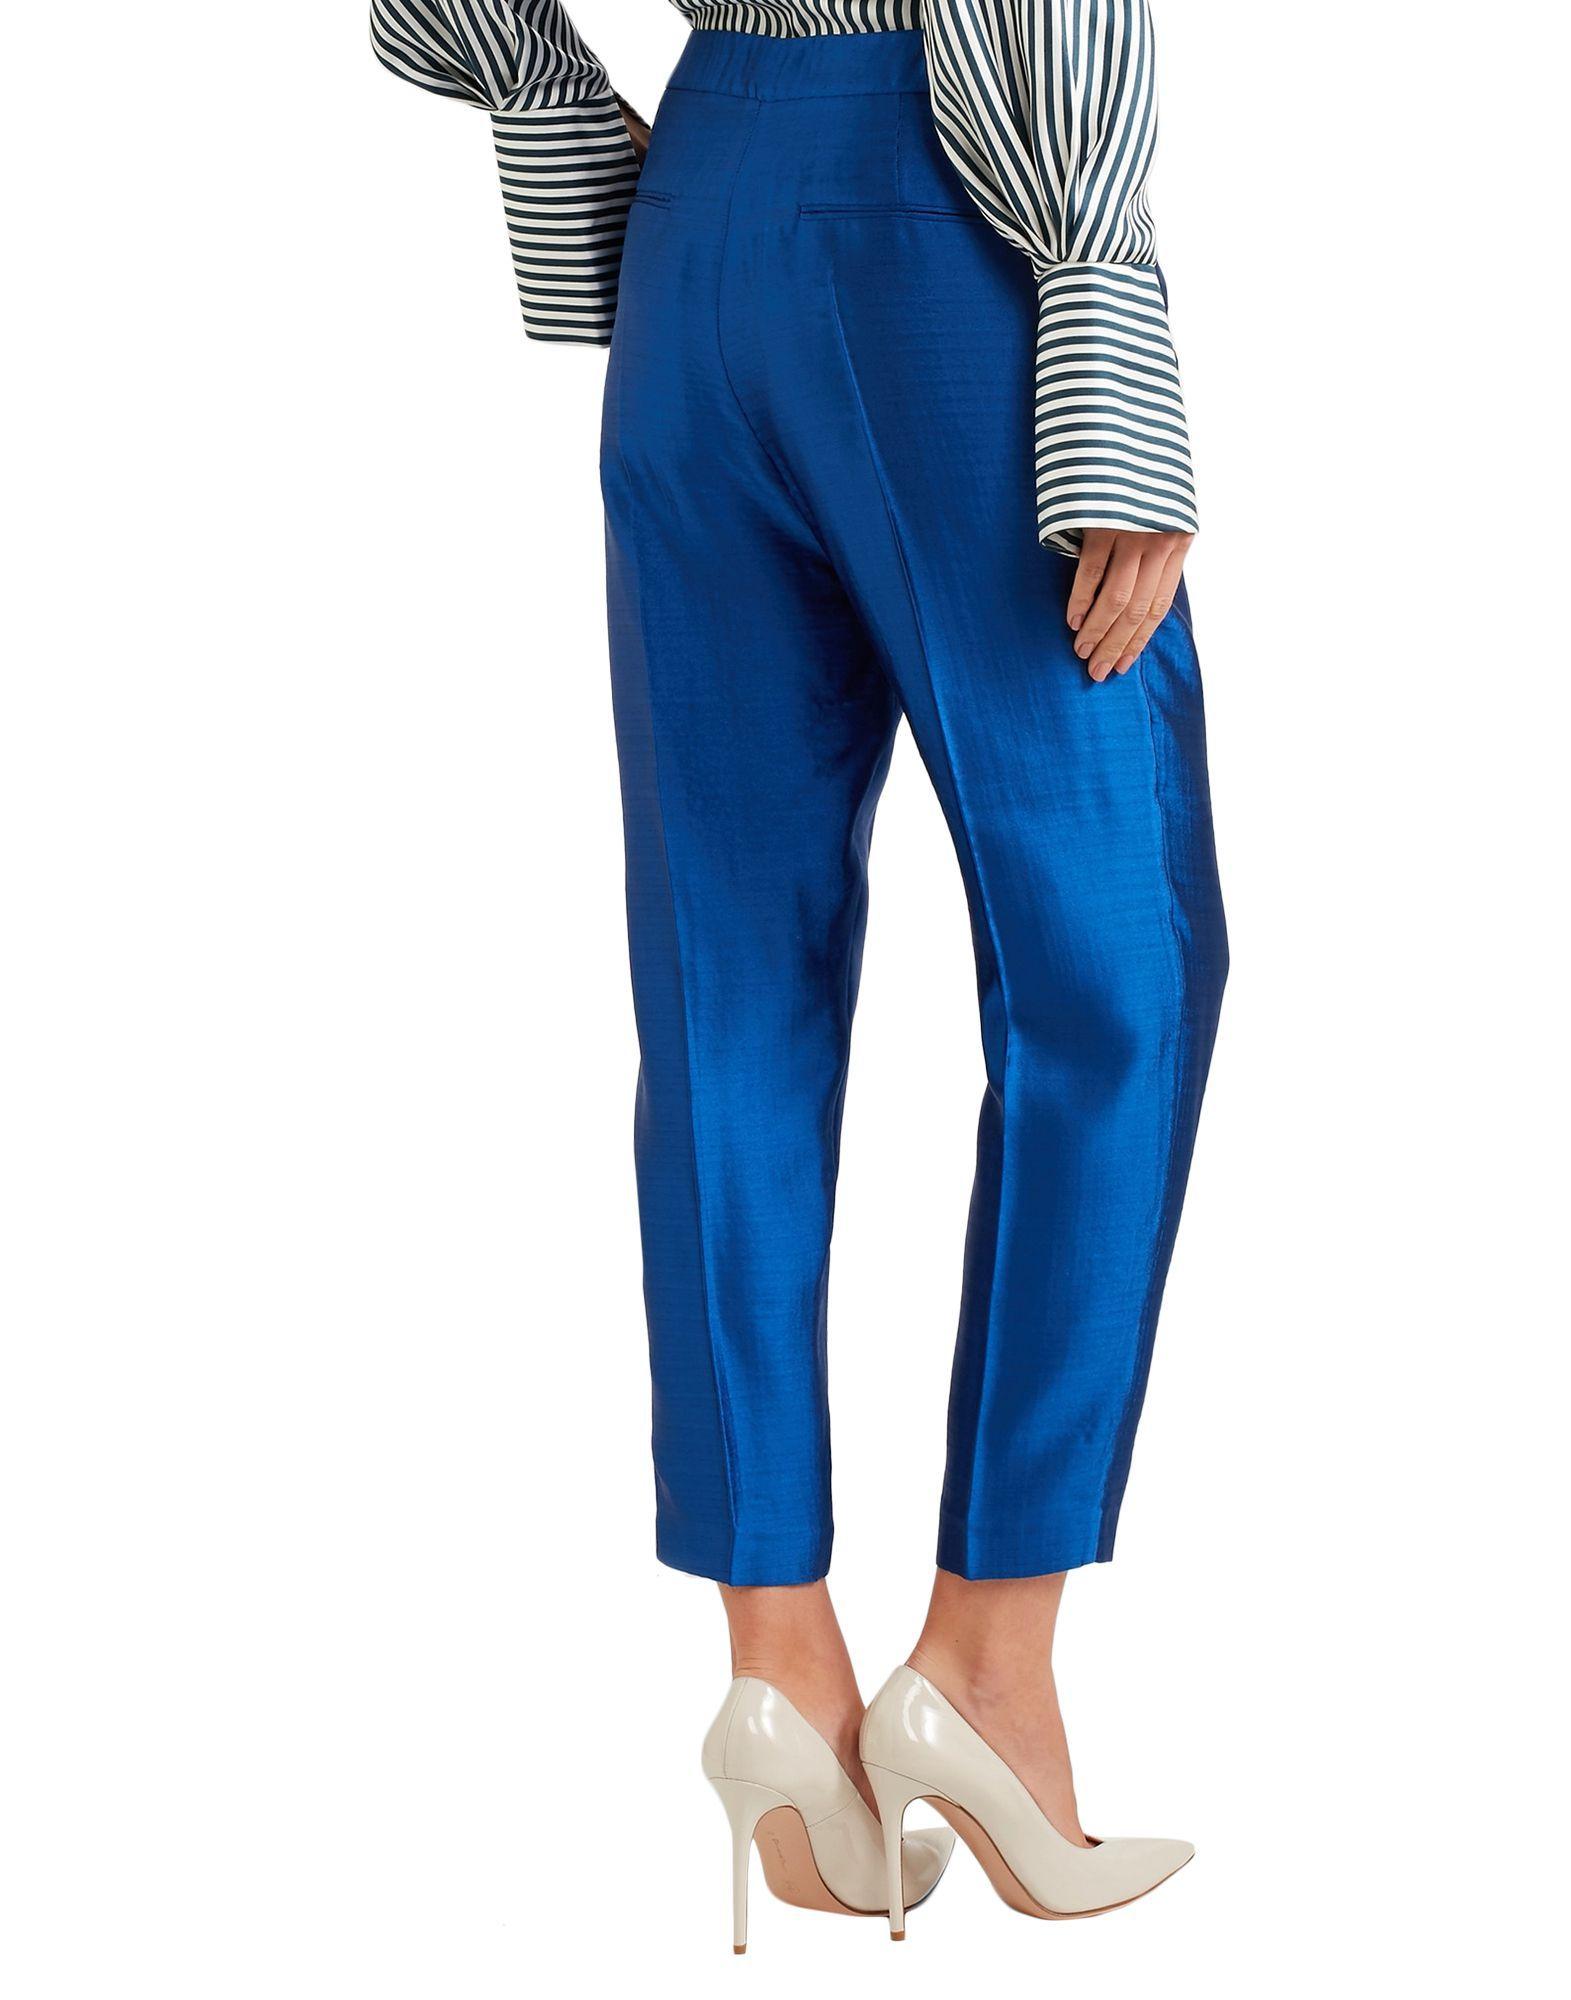 TROUSERS Woman Roksanda Bright blue Virgin Wool